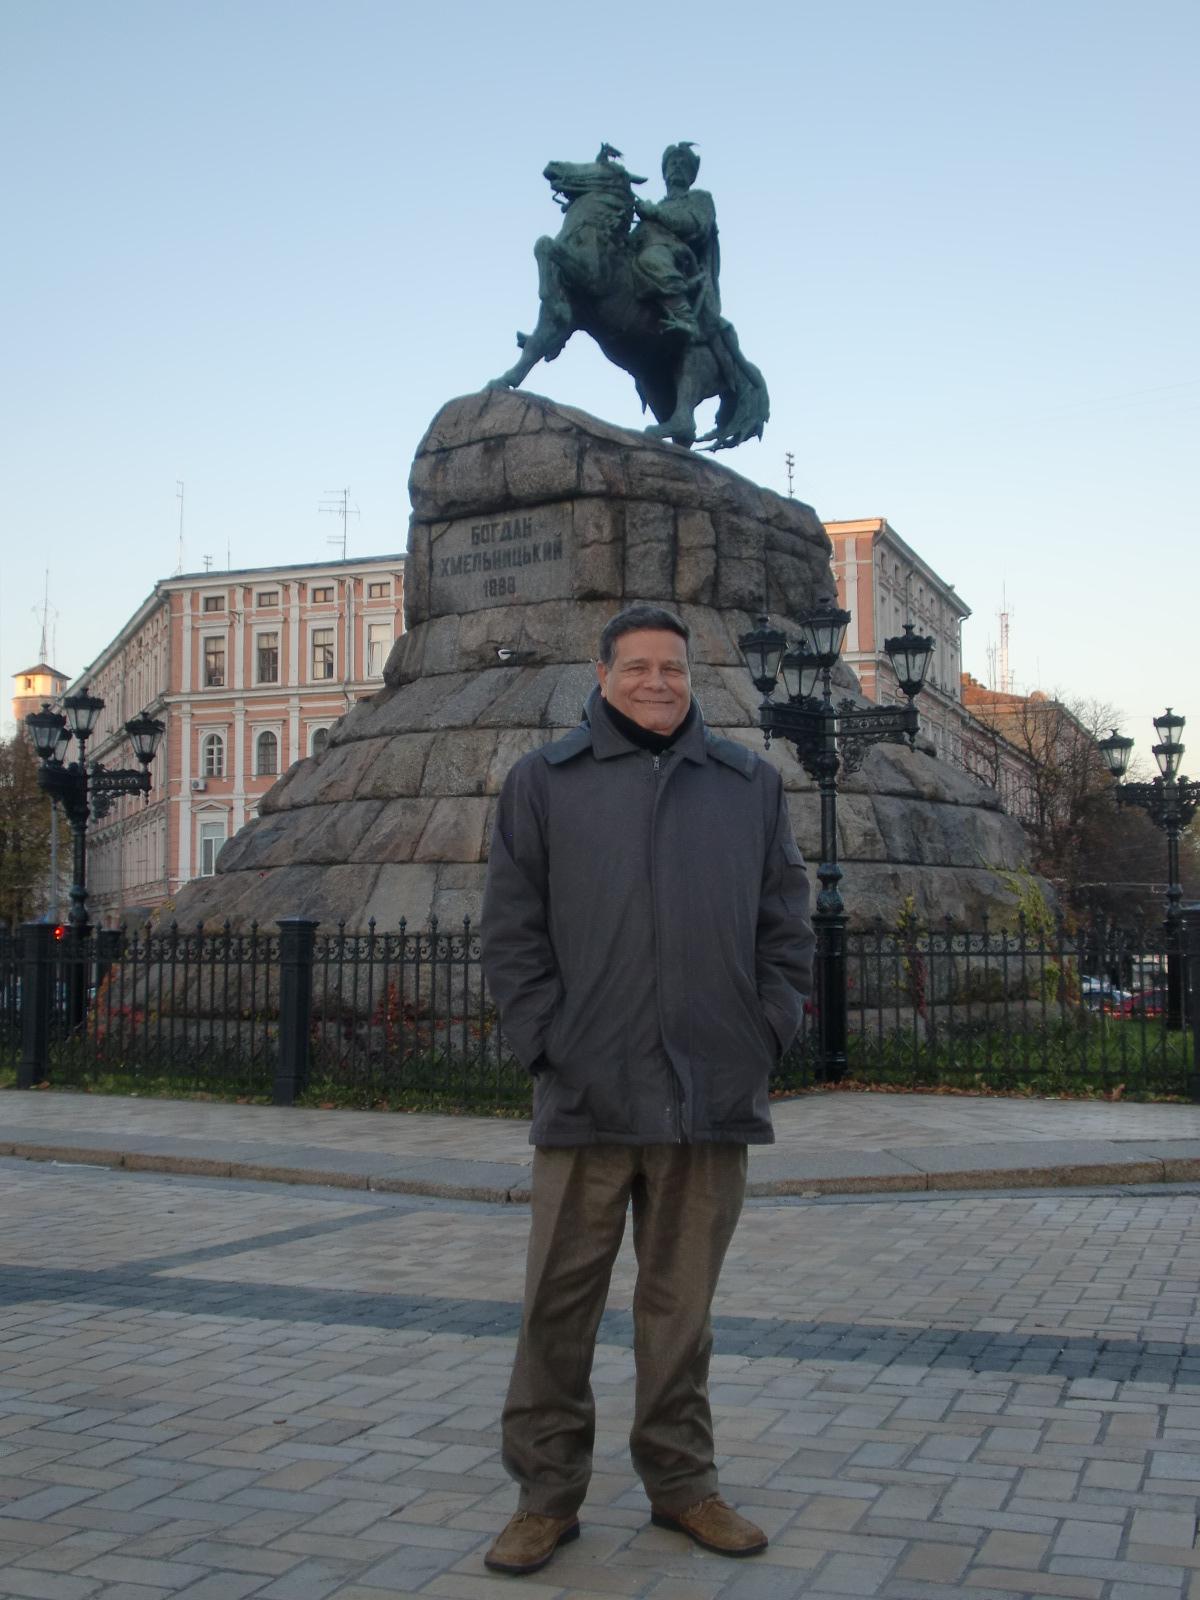 En monumento a Bogdan Khmelnitski, Kiev, Ucrania